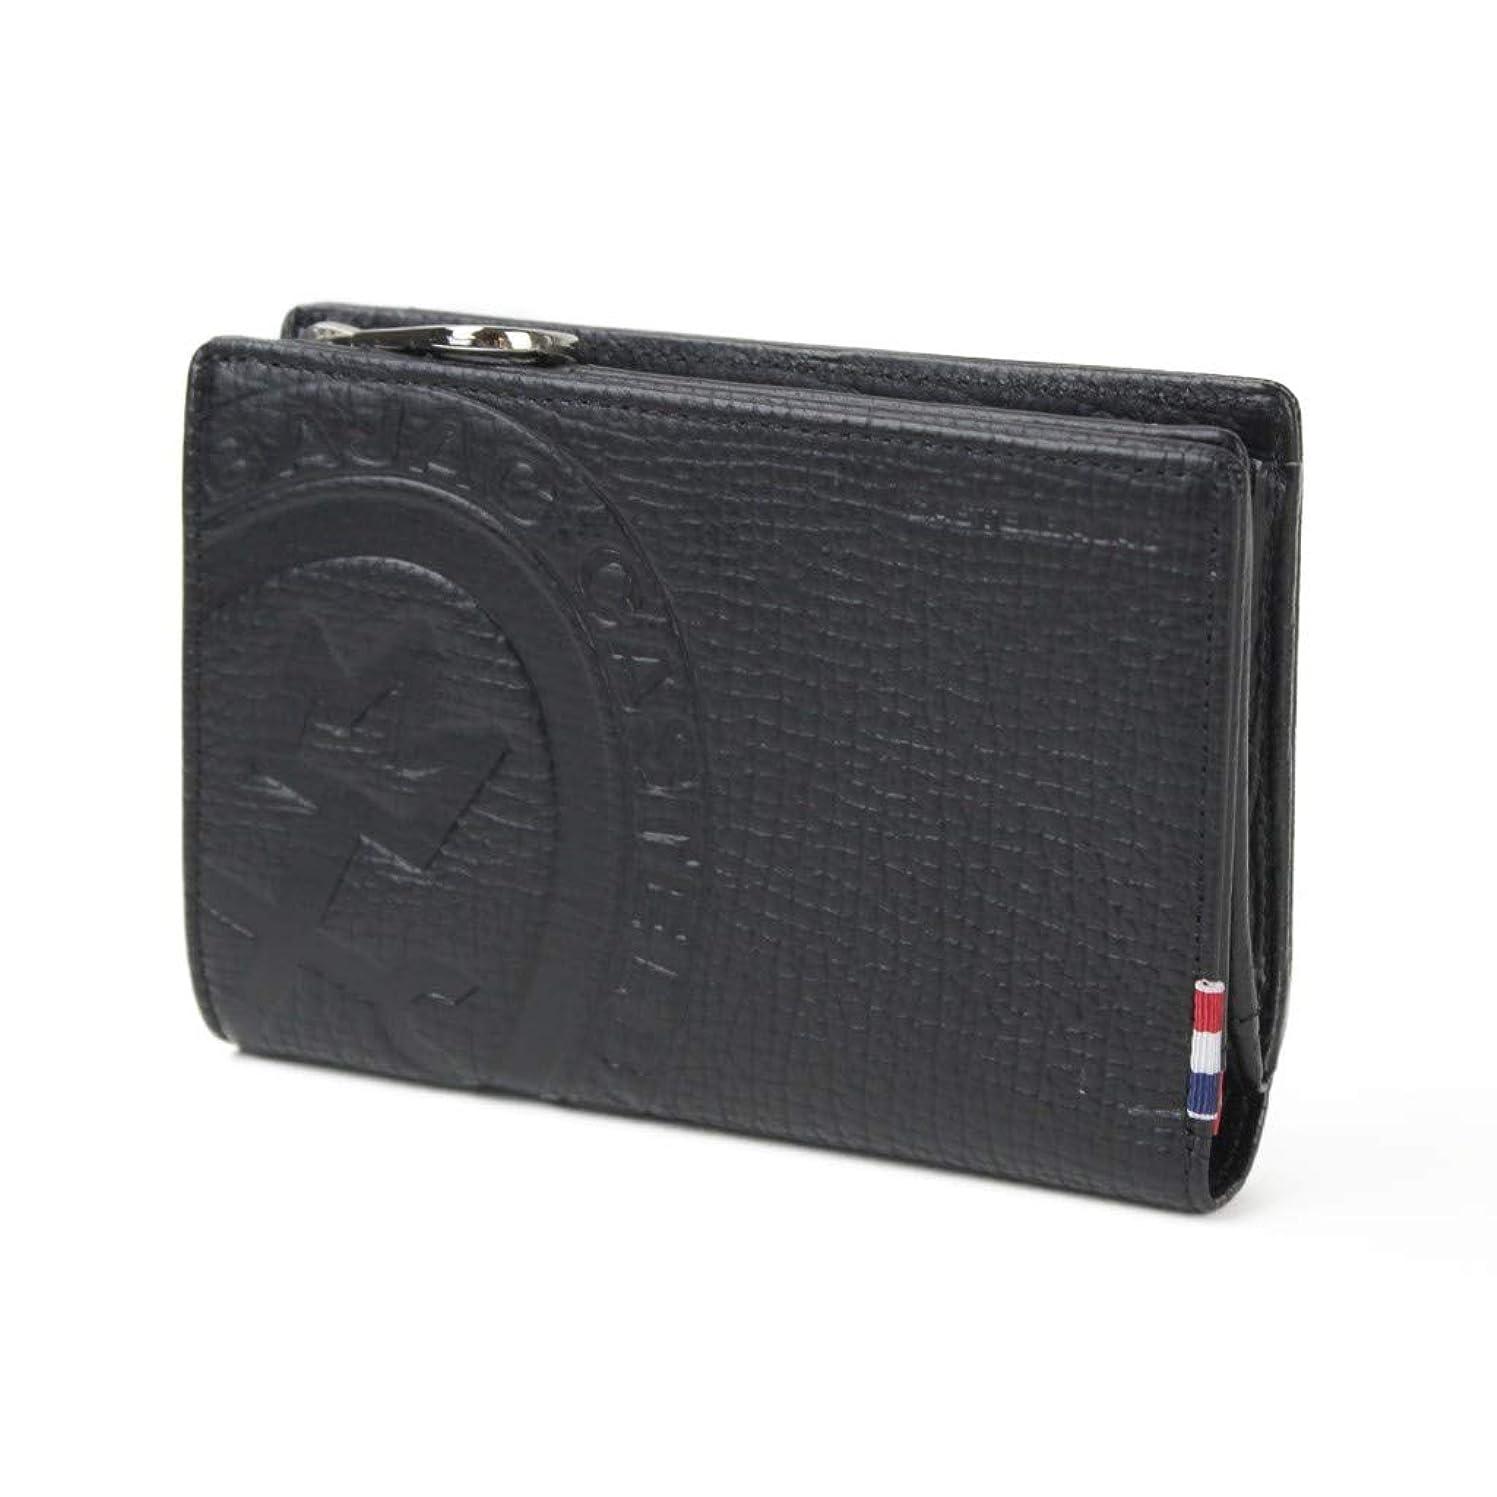 である潜在的なカッター[CASTELBAJAC(カステルバジャック)] 二つ折り財布 小銭入れあり ミドルウォレット PICCOLO(ピッコロ) 022615